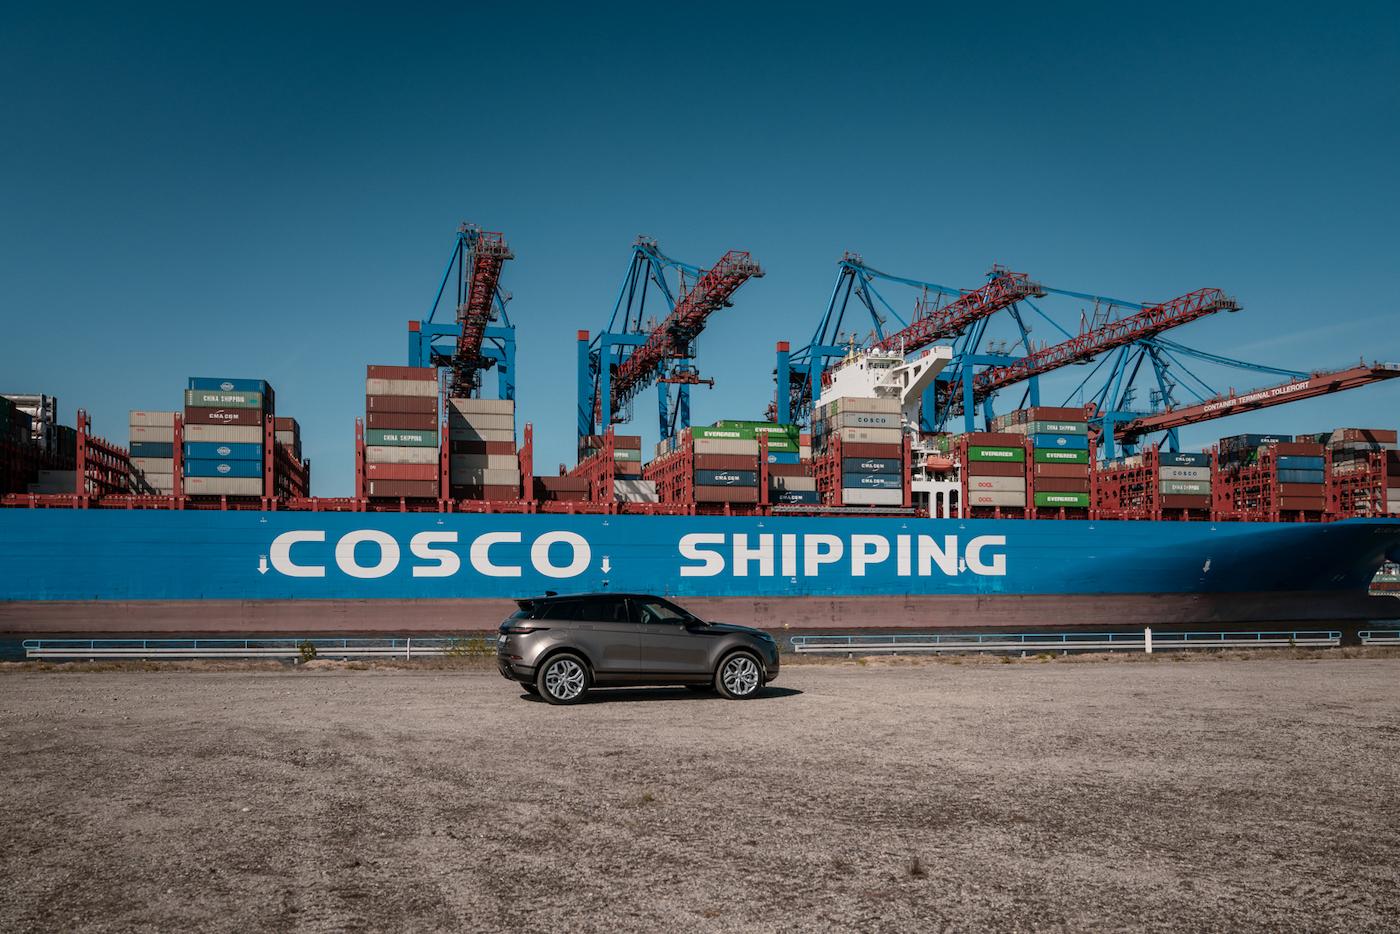 Offroad mal anders: Mit dem neuen Range Rover Evoque durch die Container-Stadt in Hamburg 2